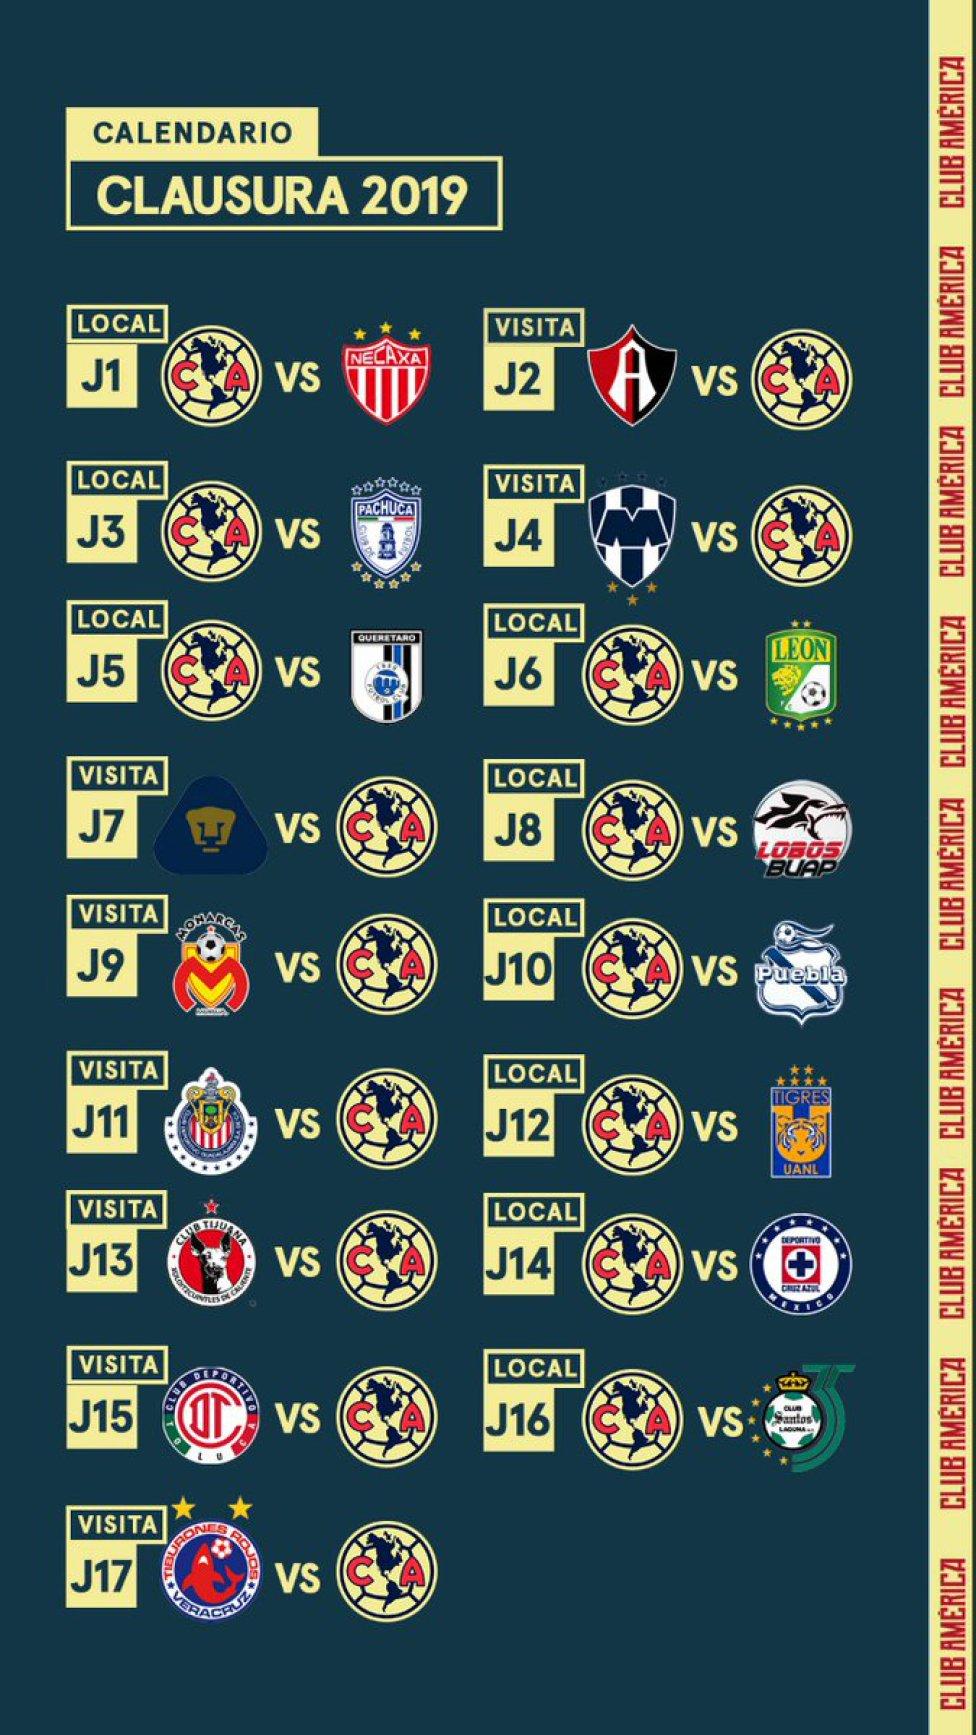 Conoce el calendario del Clausura 2019 equipo por equipo - AS México 40a93b7a3f1a4